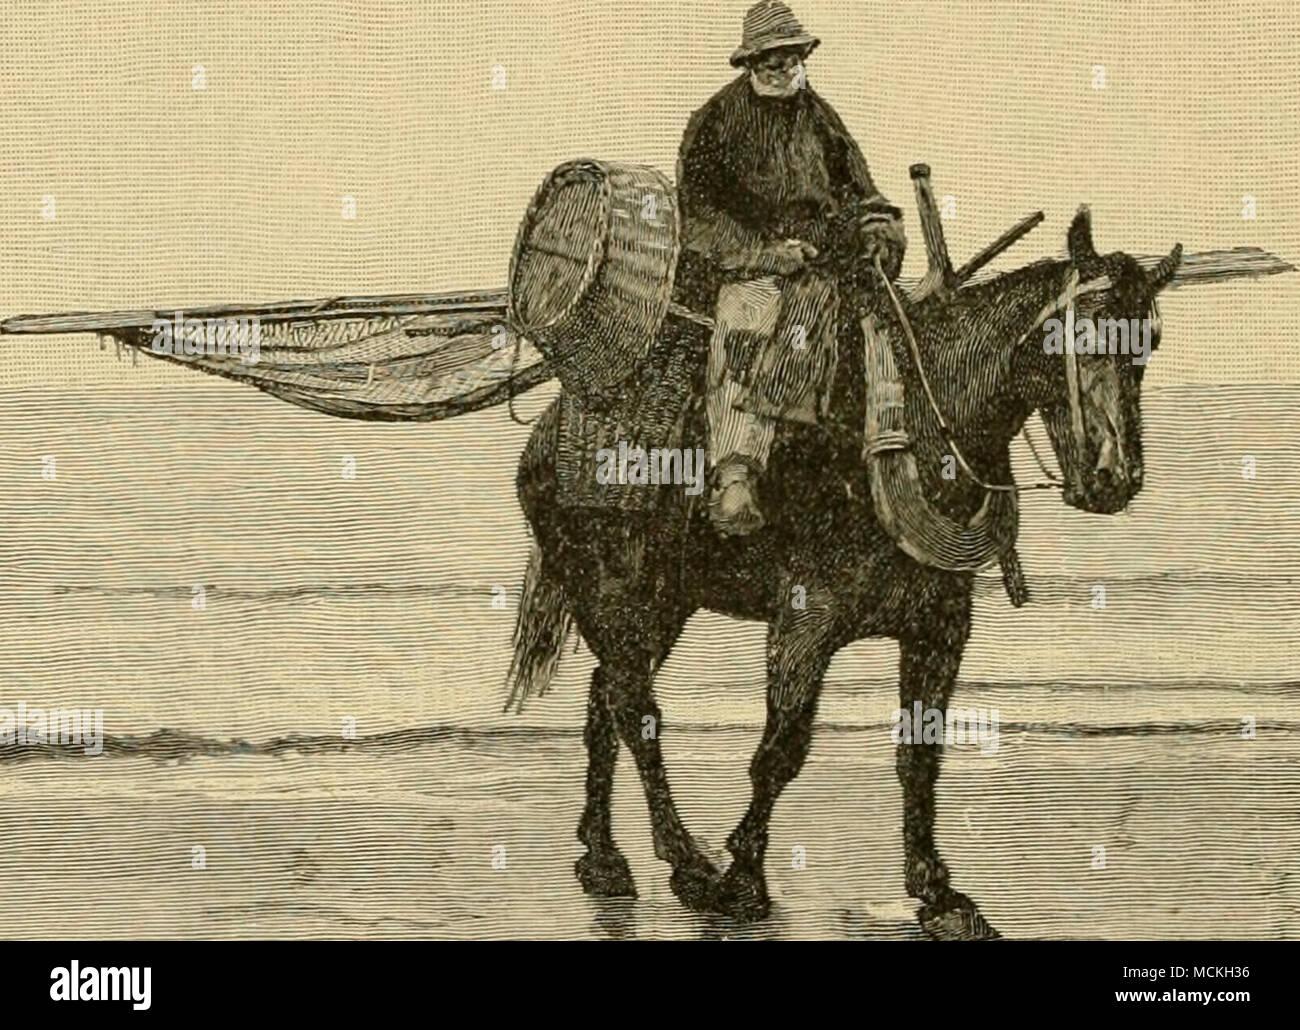 Pescatore belga del cavallo della buona come è il cavallo la memoria 48d739352d3f